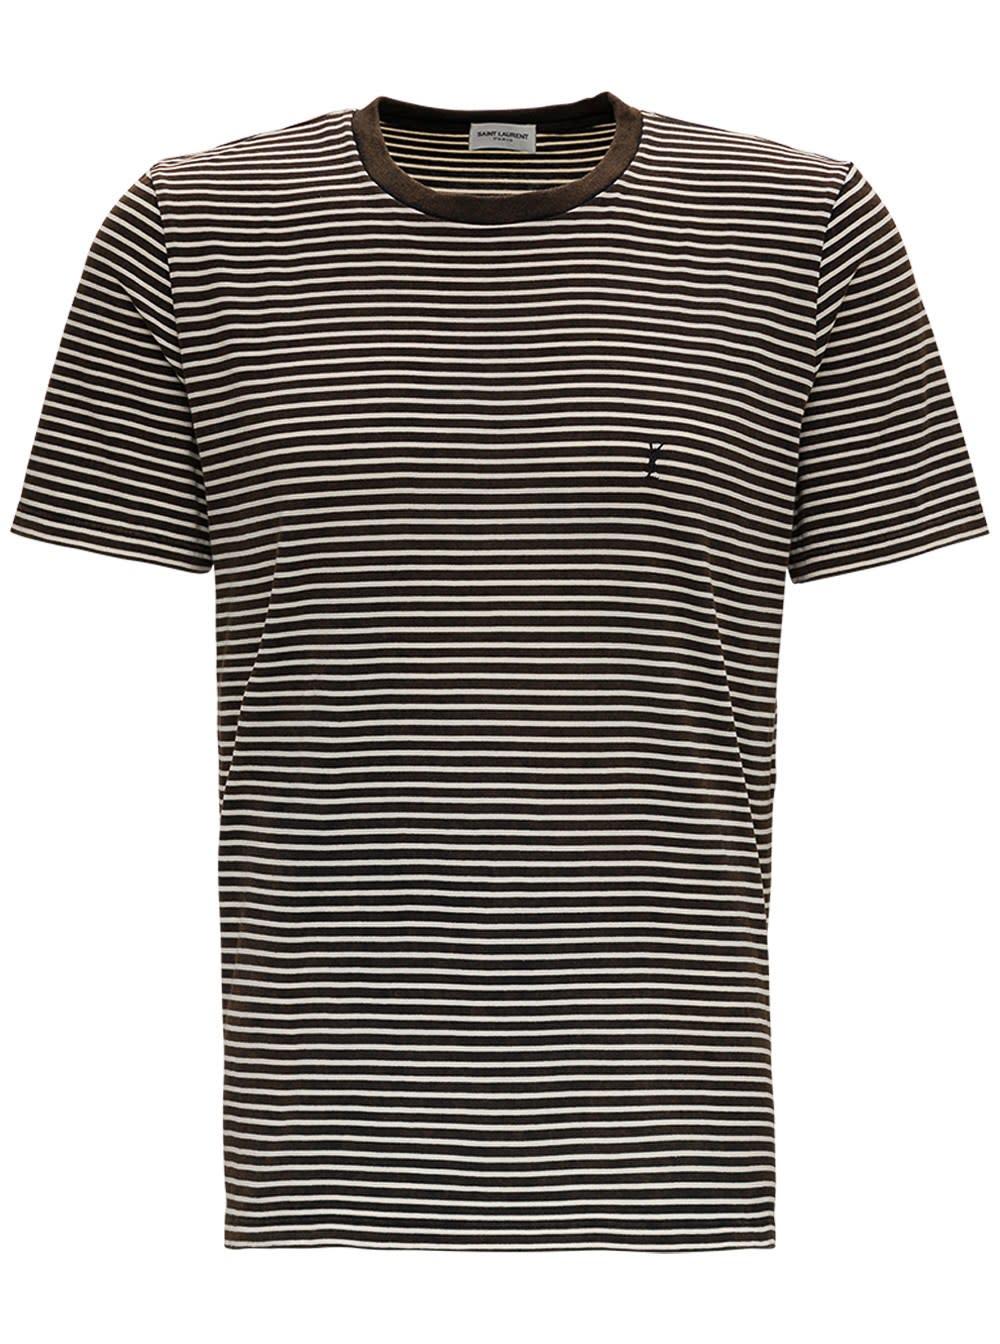 Saint Laurent Striped Cotton T-shirt With Logo